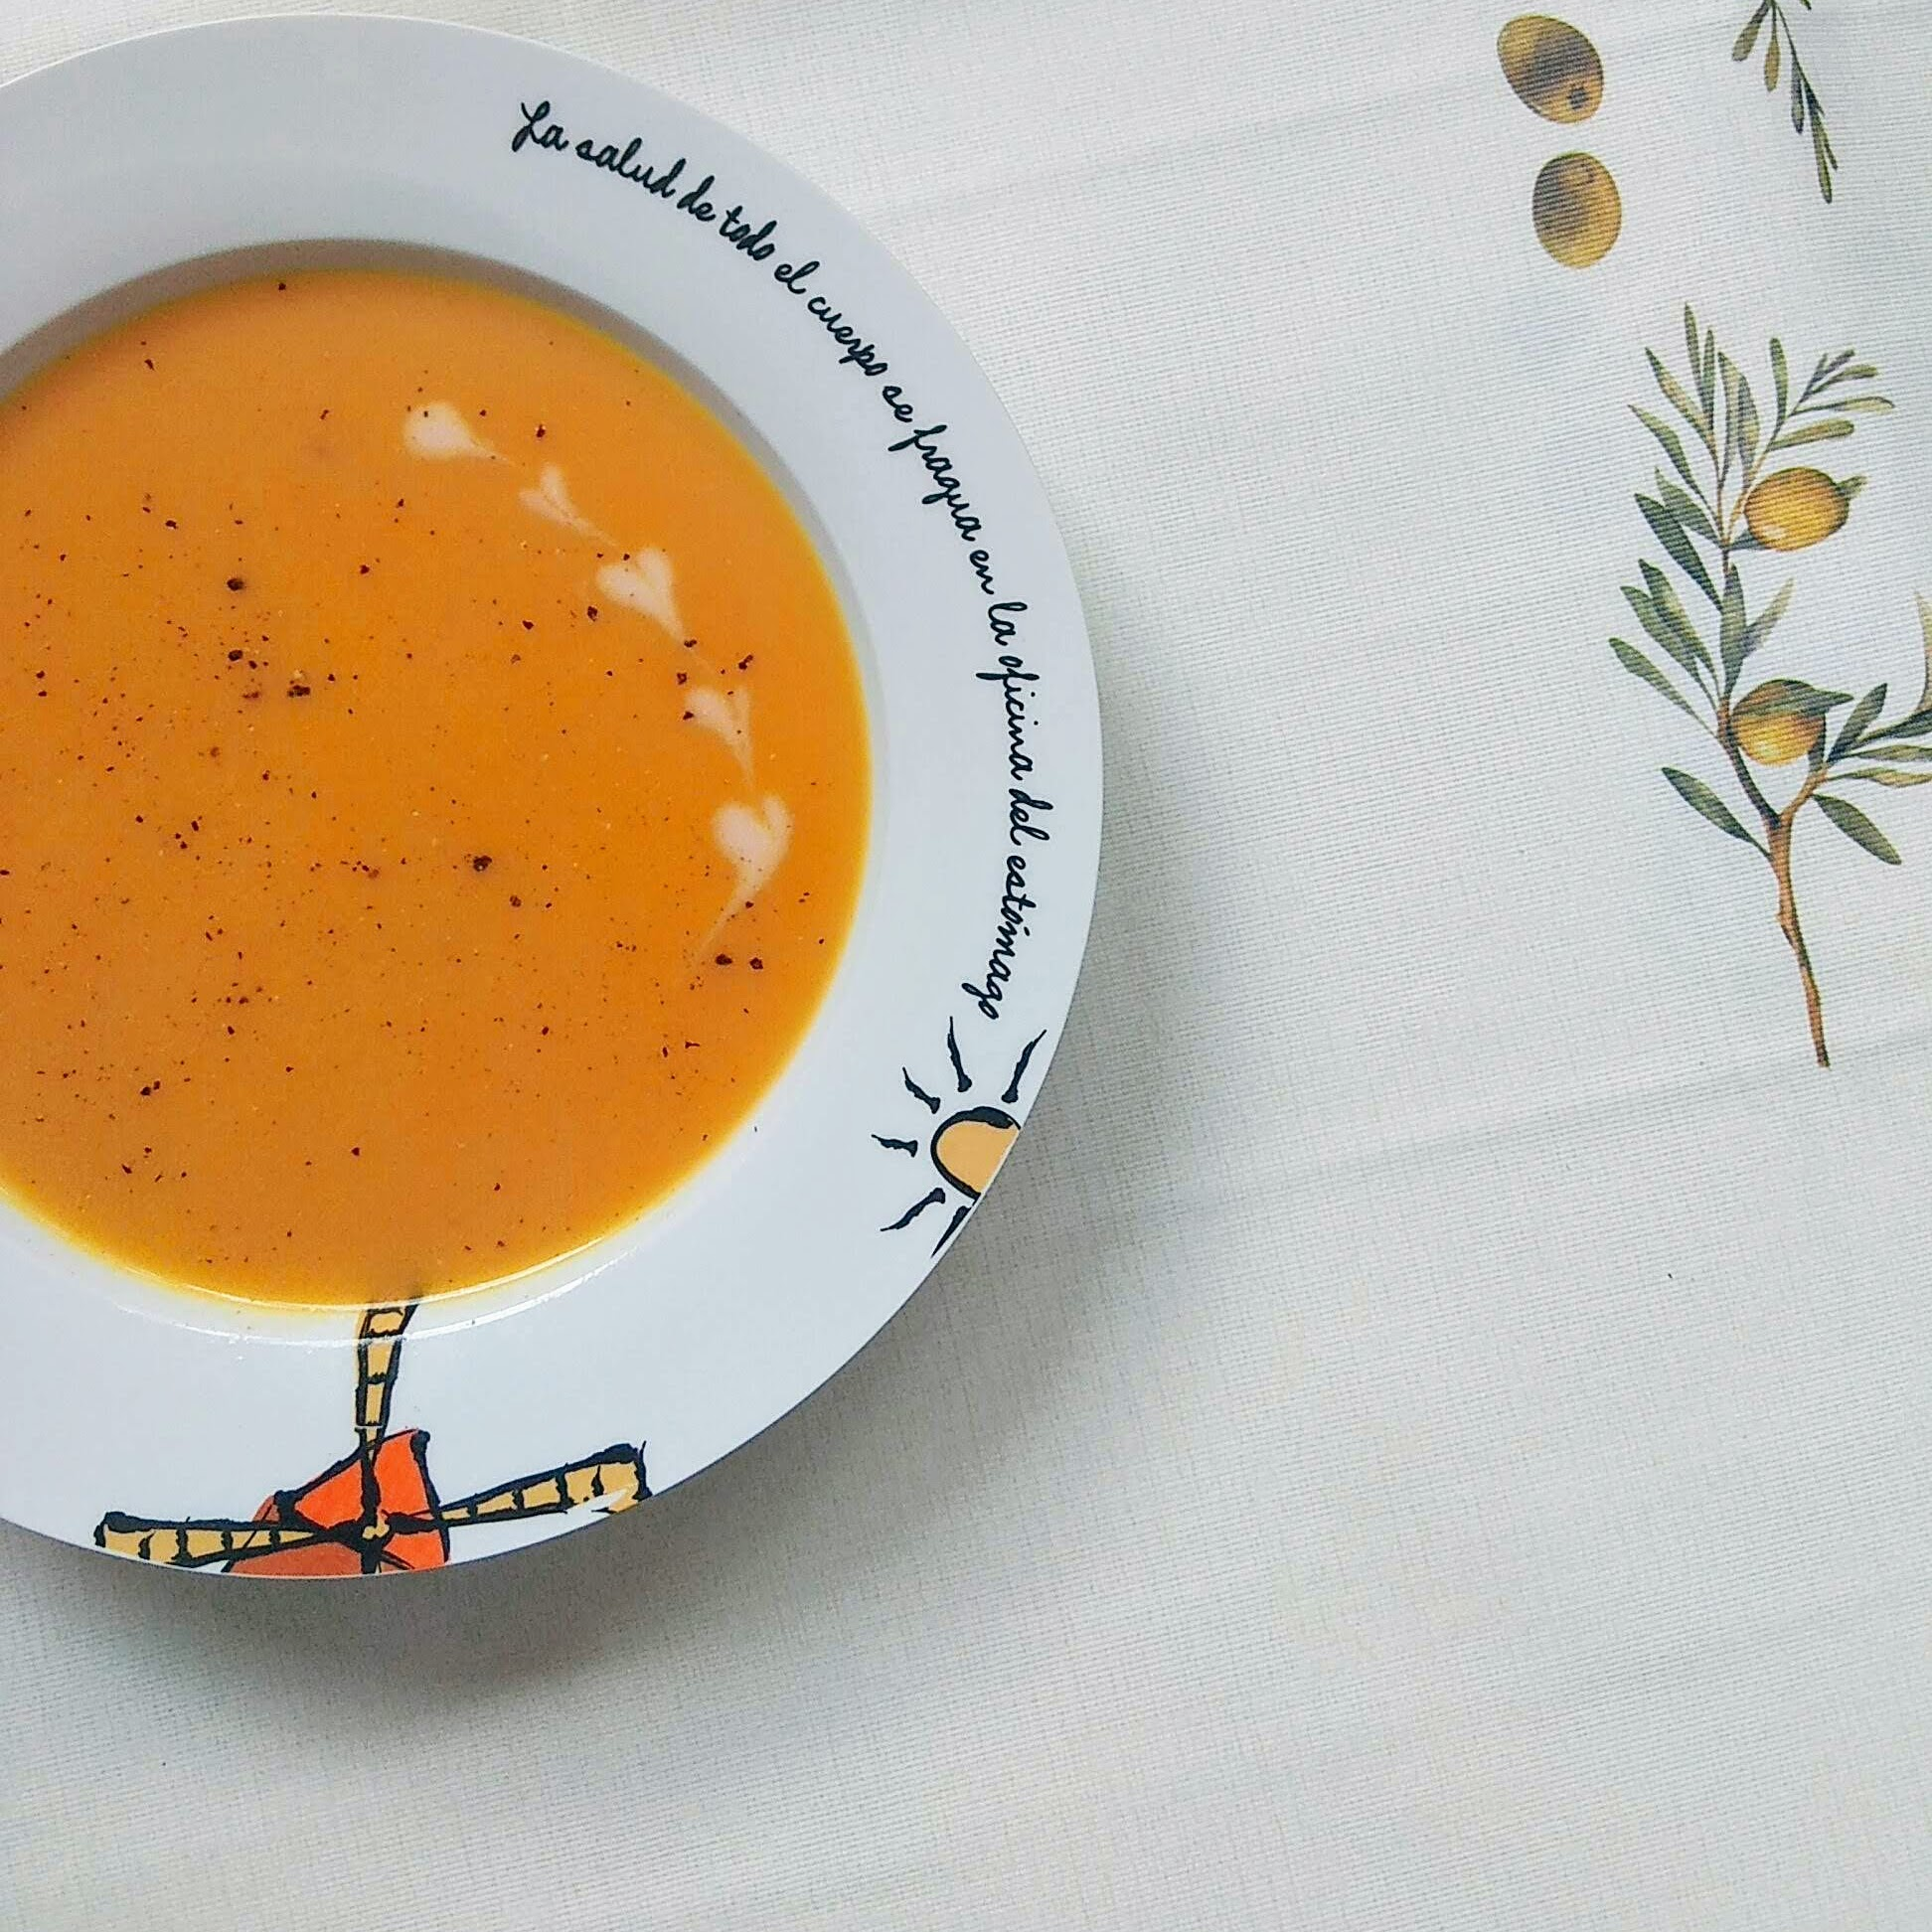 Receta fácil de sopa de zanahoria. Descúbrela en: www.cocinandoconlola.com